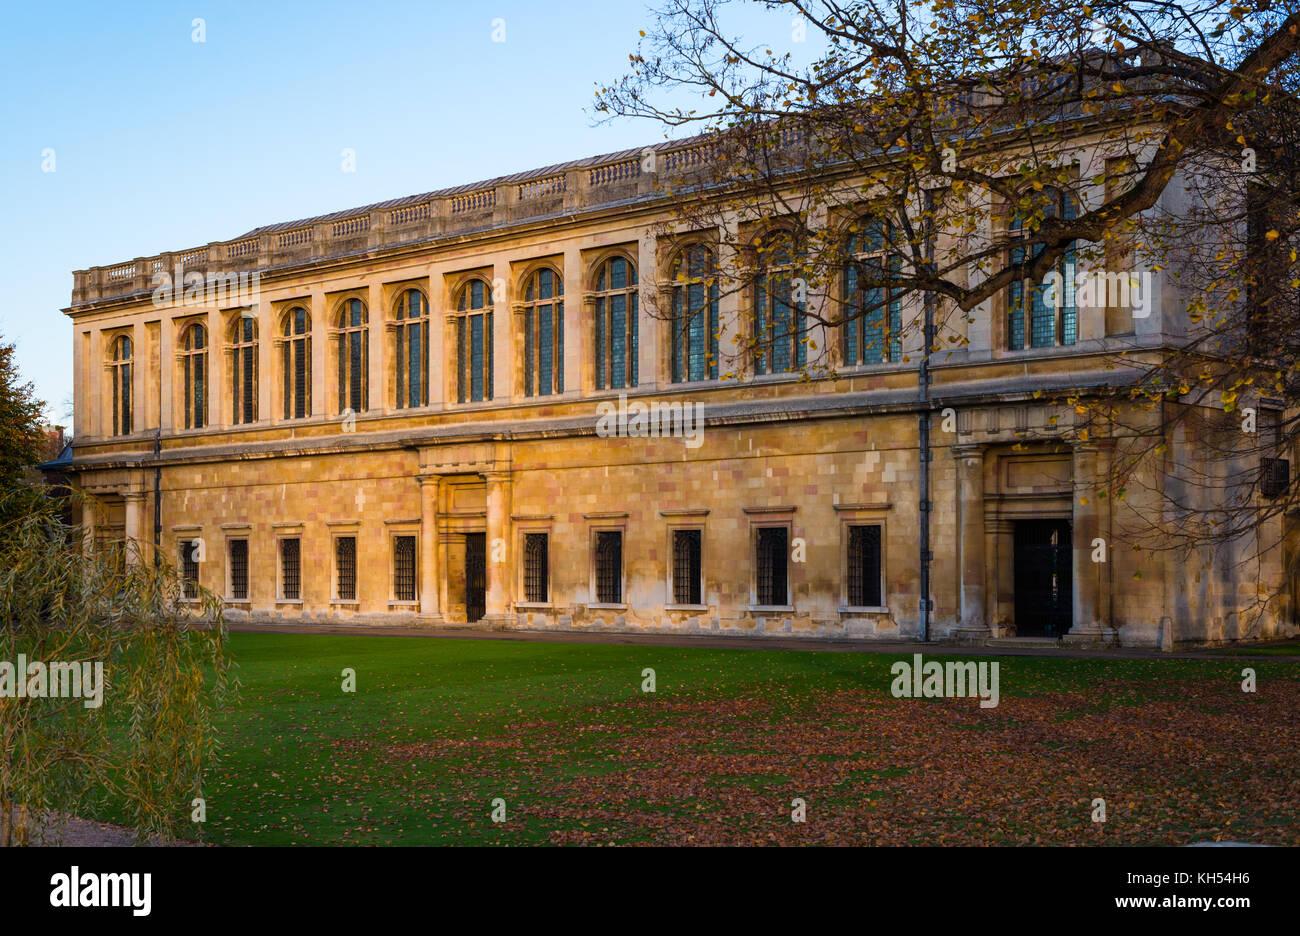 Vue panoramique de la bibliothèque Wren au coucher du soleil, le Trinity College, Université de Cambridge, Photo Stock